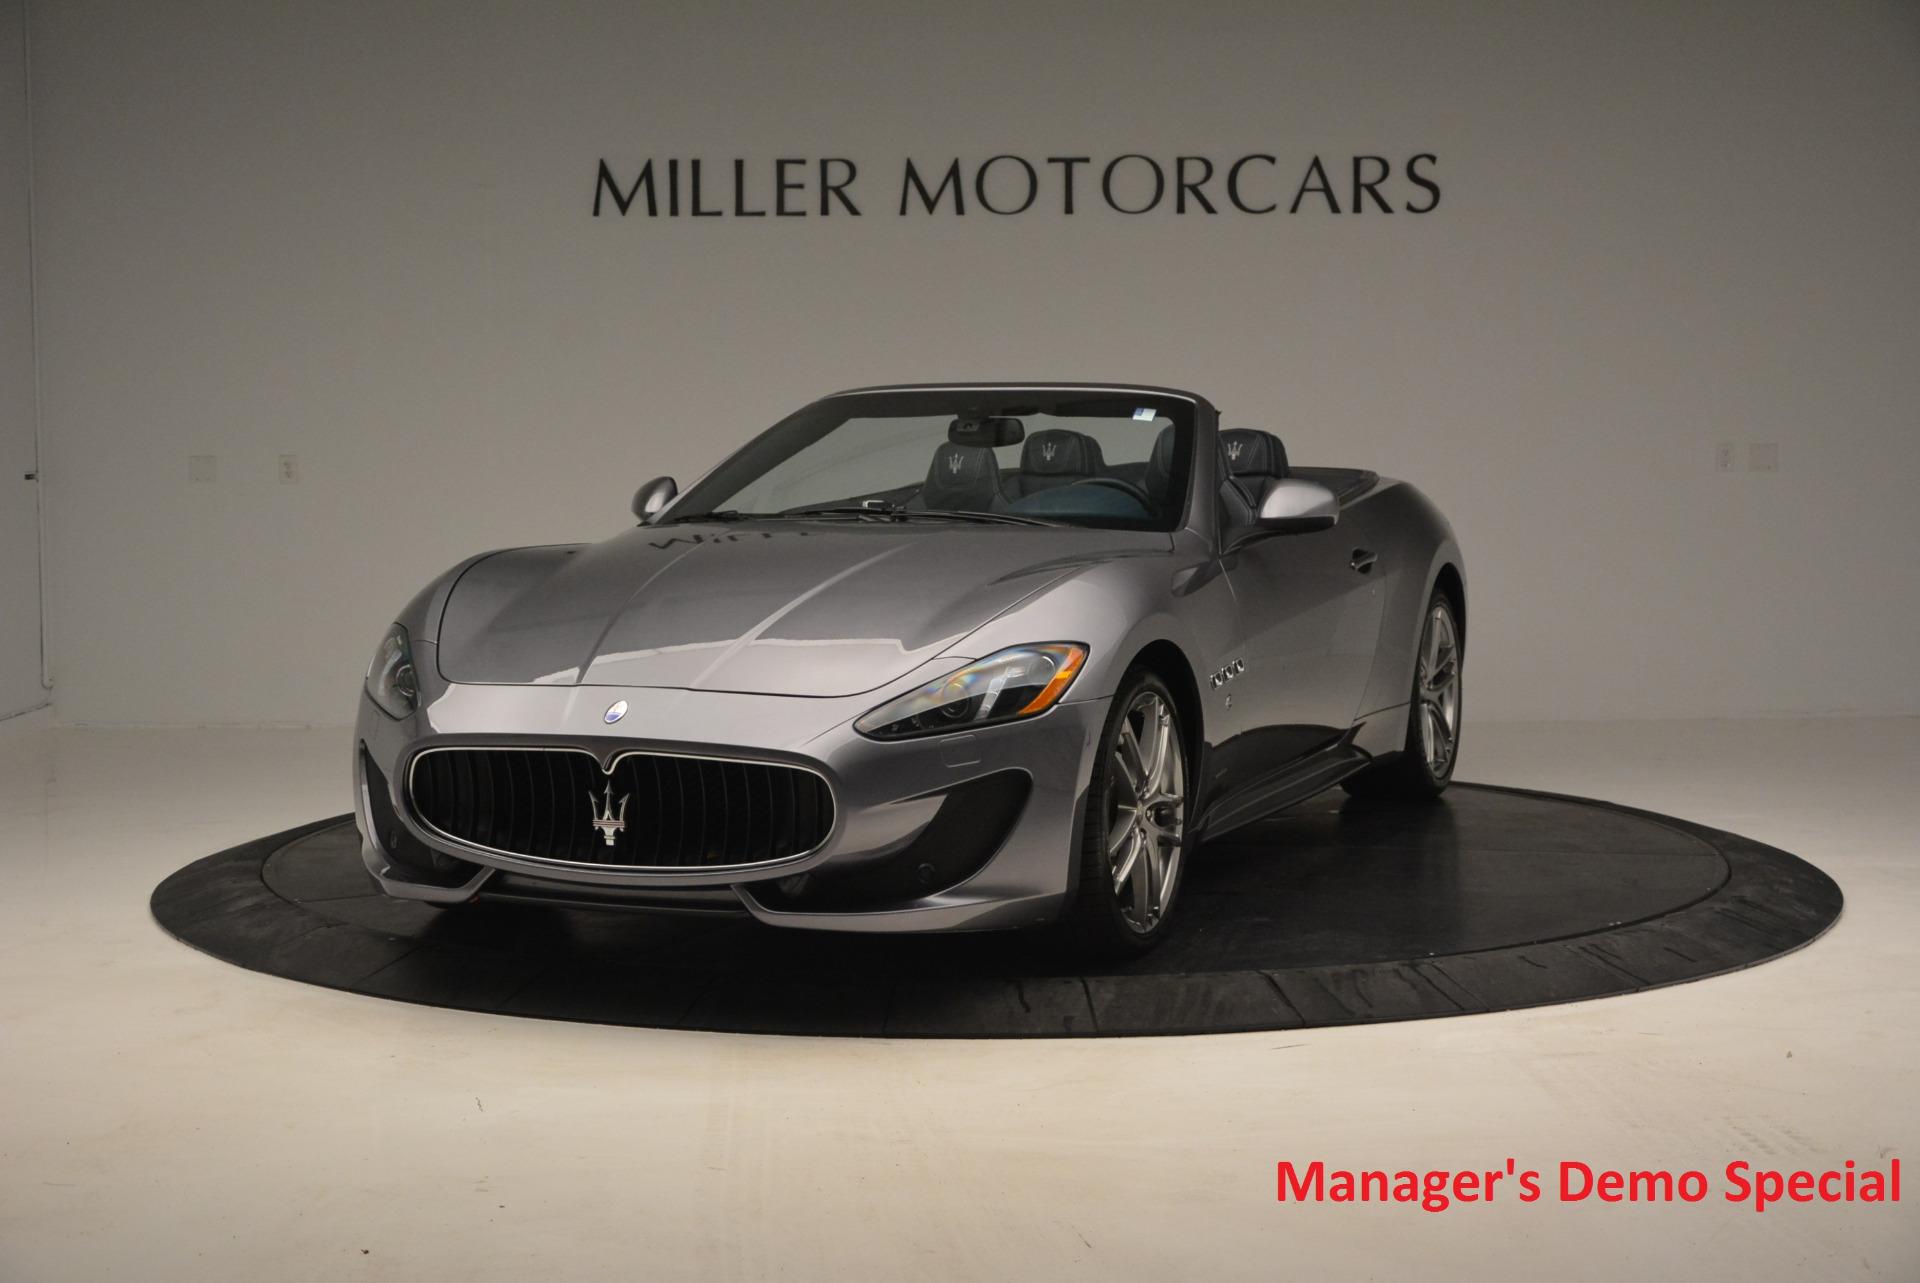 New 2016 Maserati GranTurismo Convertible Sport for sale Sold at Maserati of Greenwich in Greenwich CT 06830 1